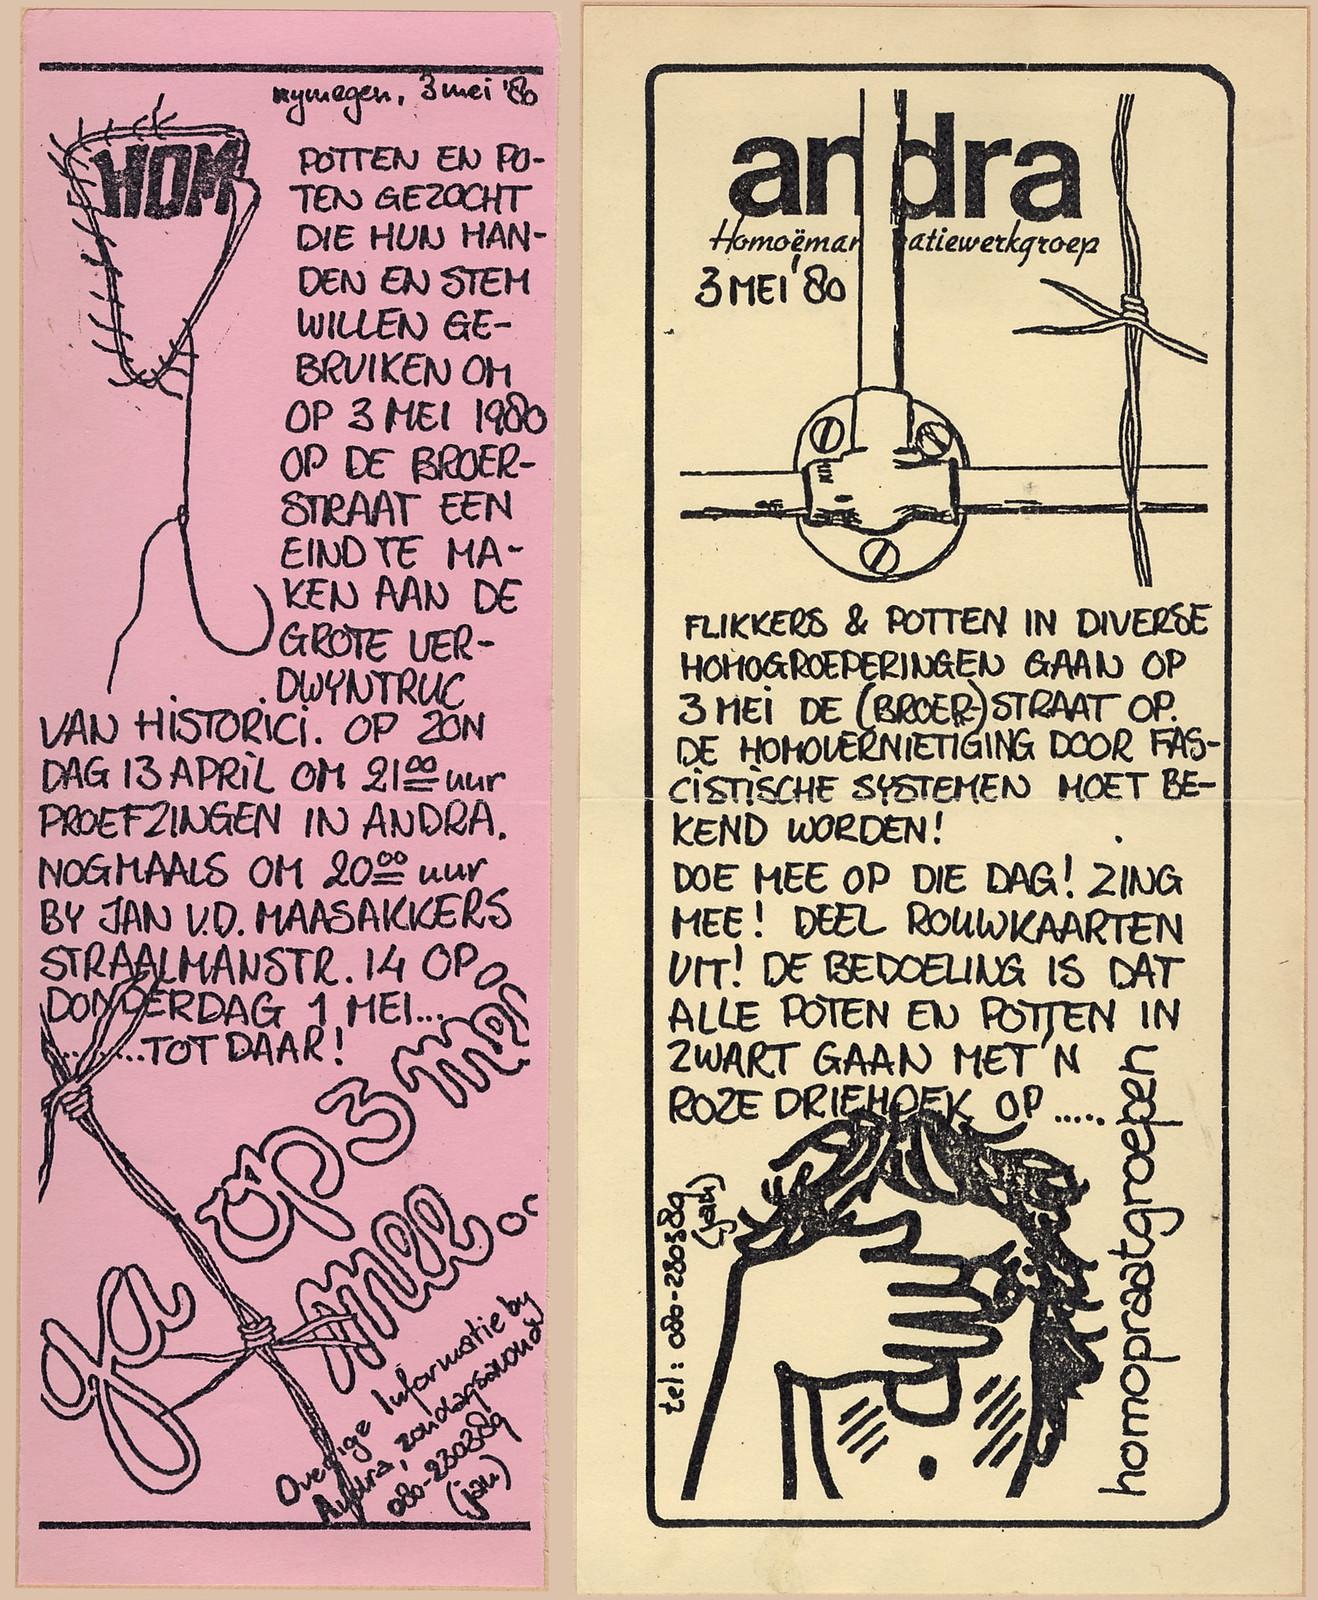 ANDRA-sticker actie Broerstraat 3 mei 1980